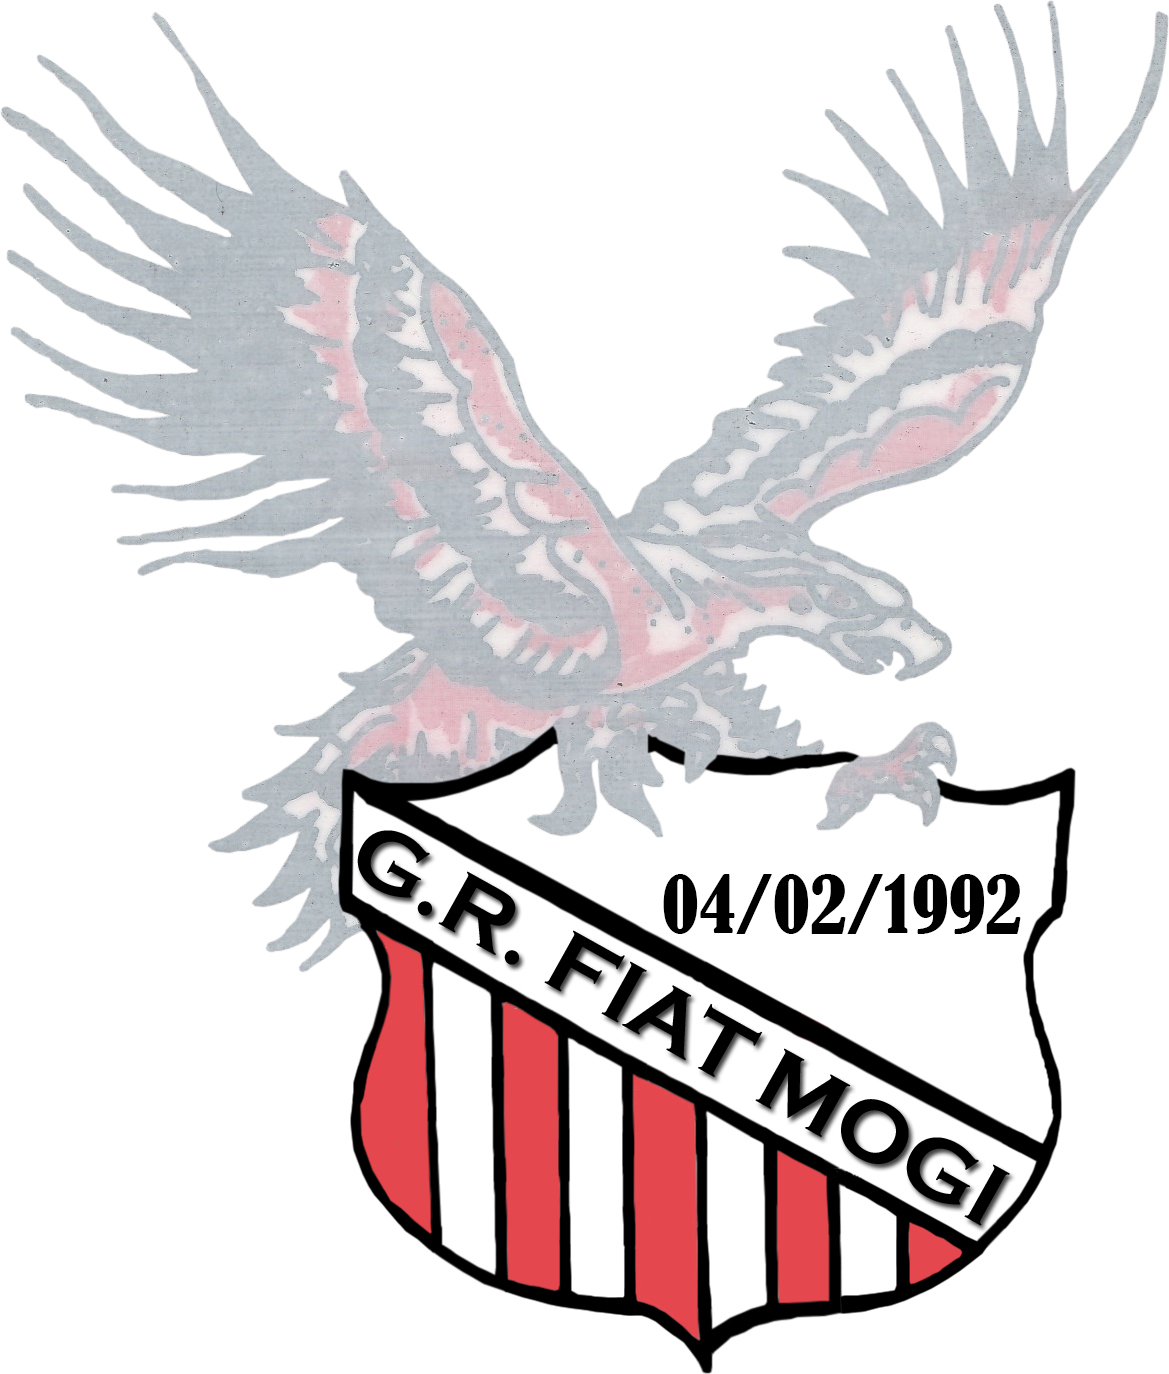 F.I.A.T. Mogi